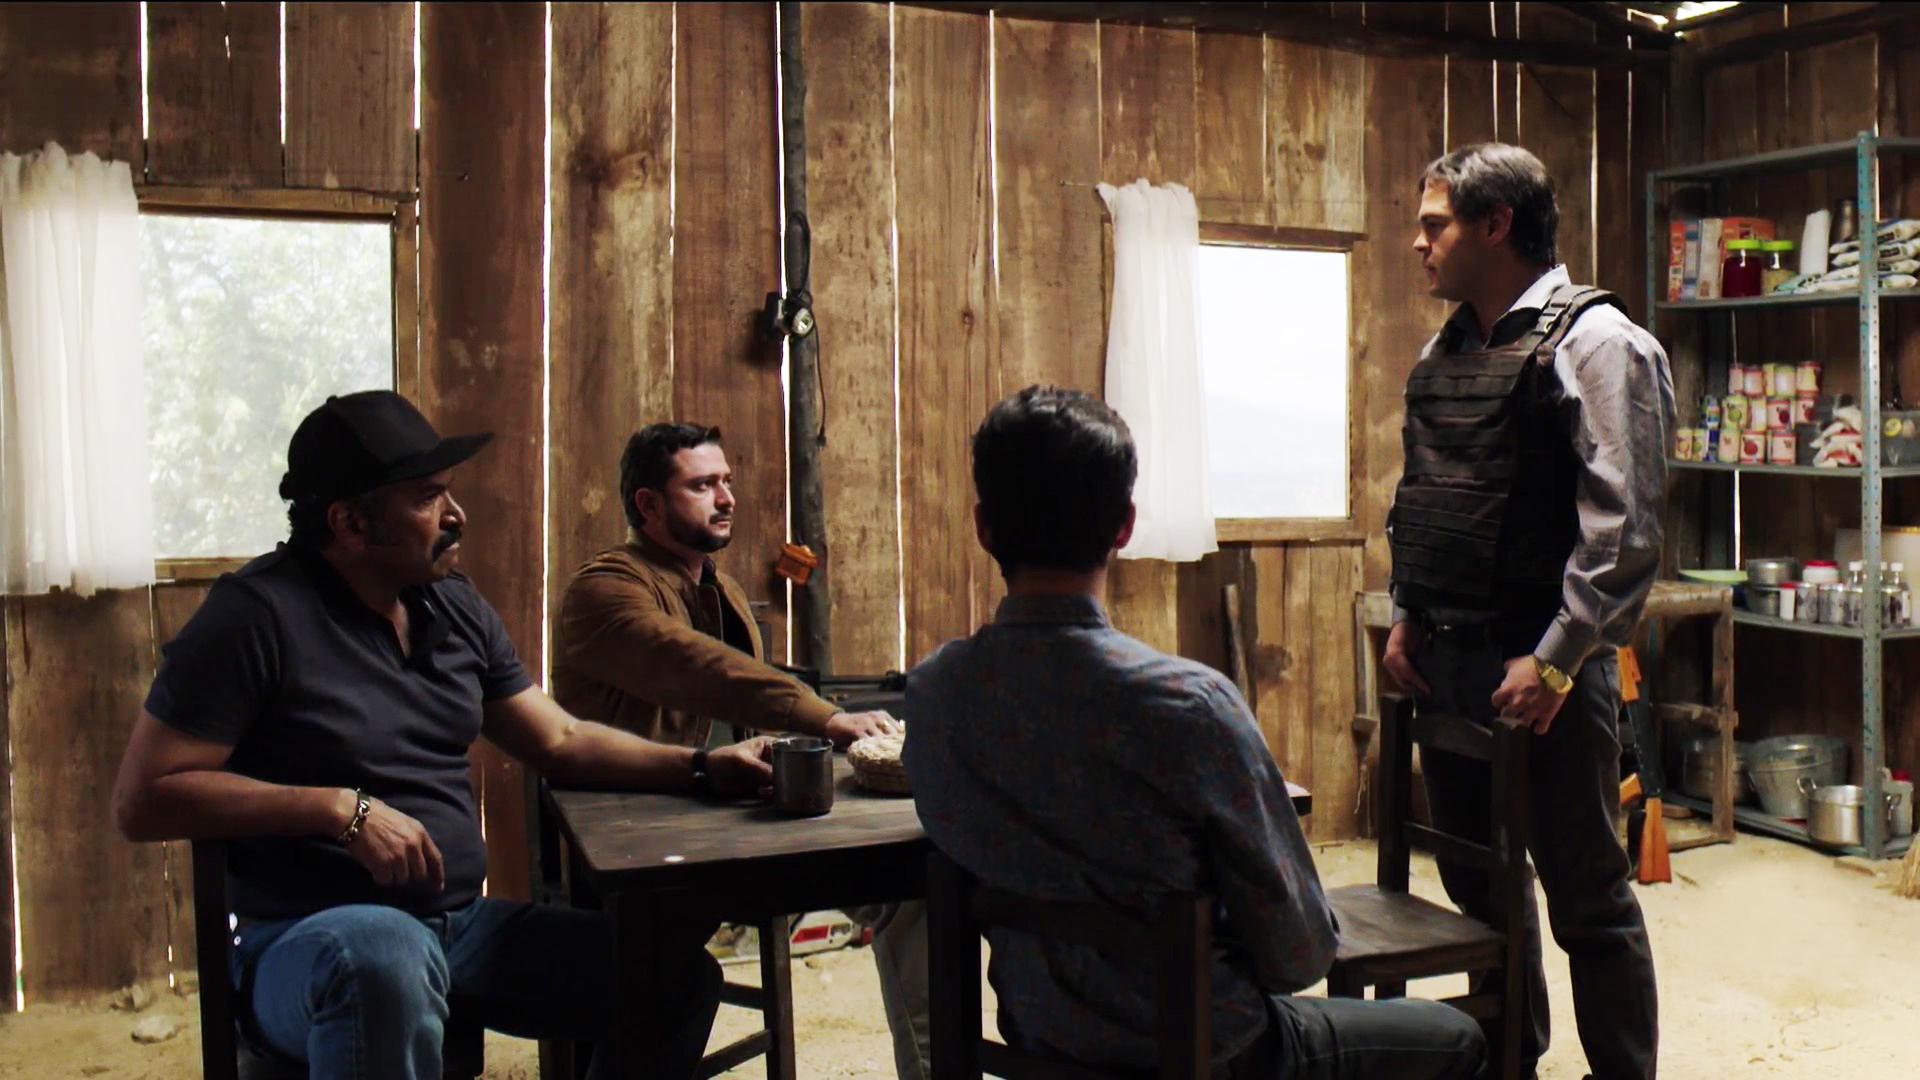 El Chapo, la serie se estrena el 23 de abril | Series